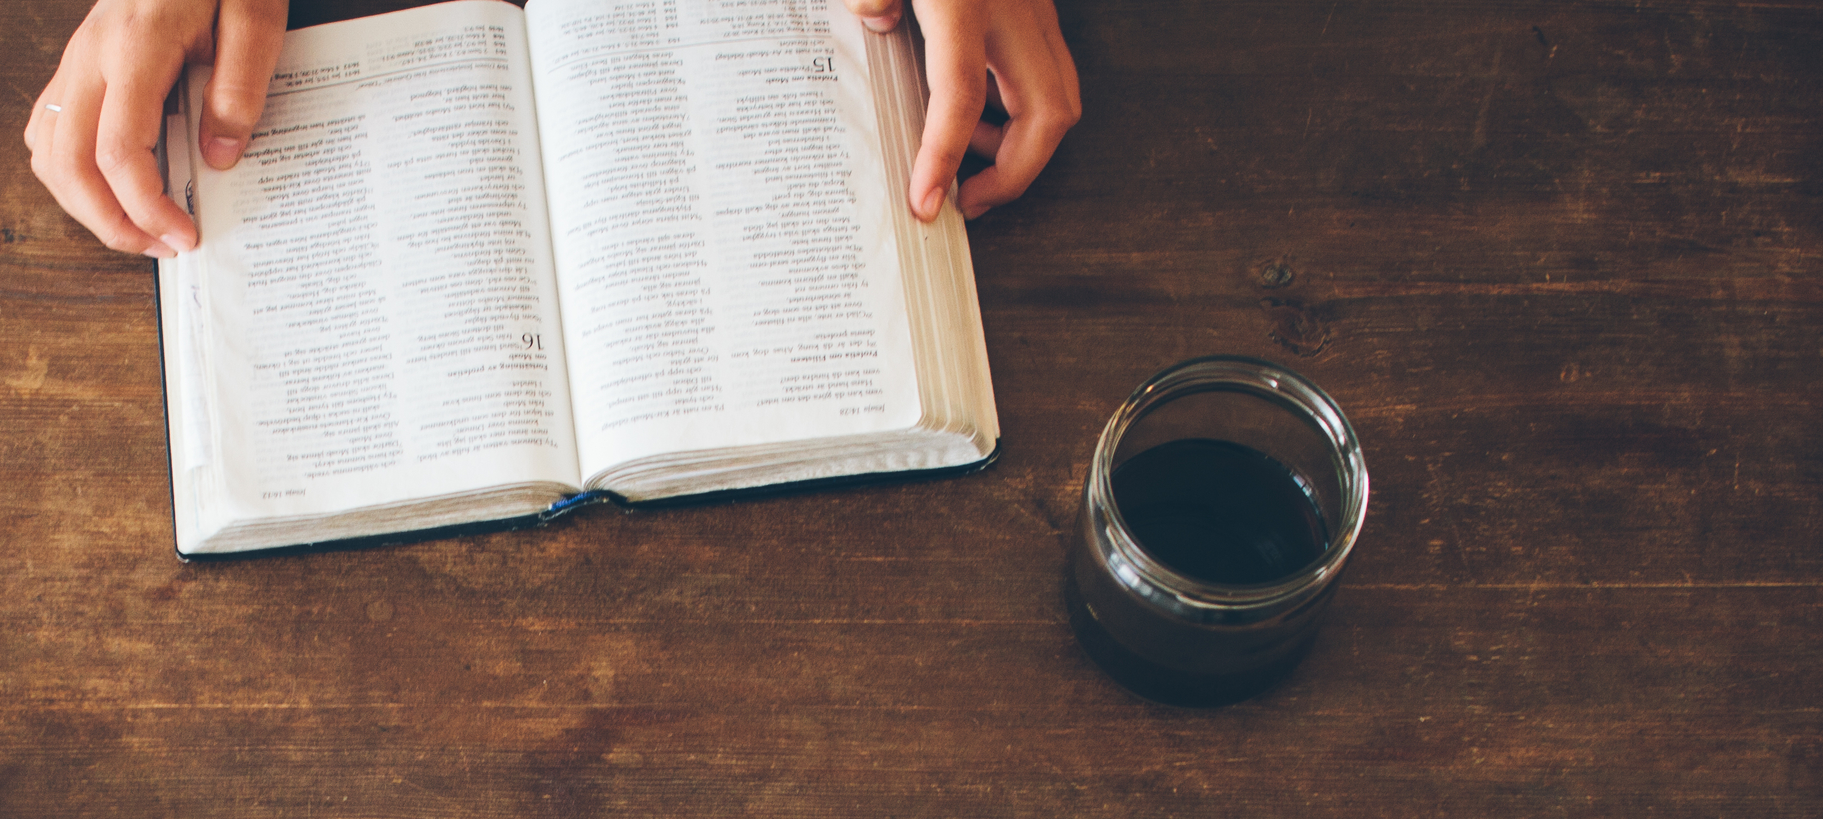 El Evangelio es lo Principal